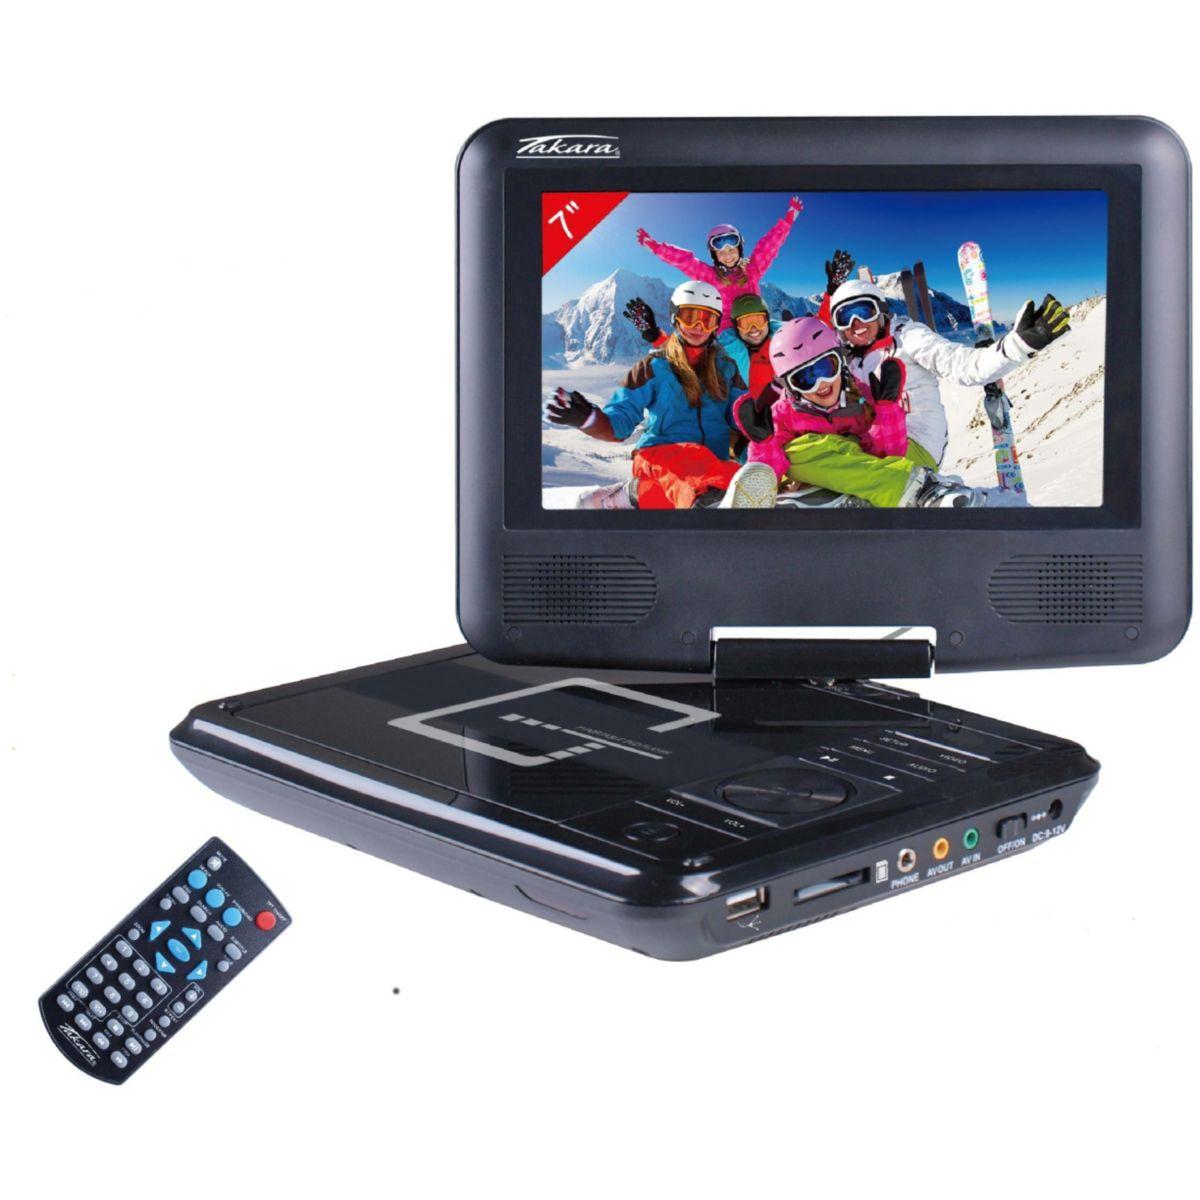 Lecteur DVD portable TAKARA VR132B noir 7'' (photo)